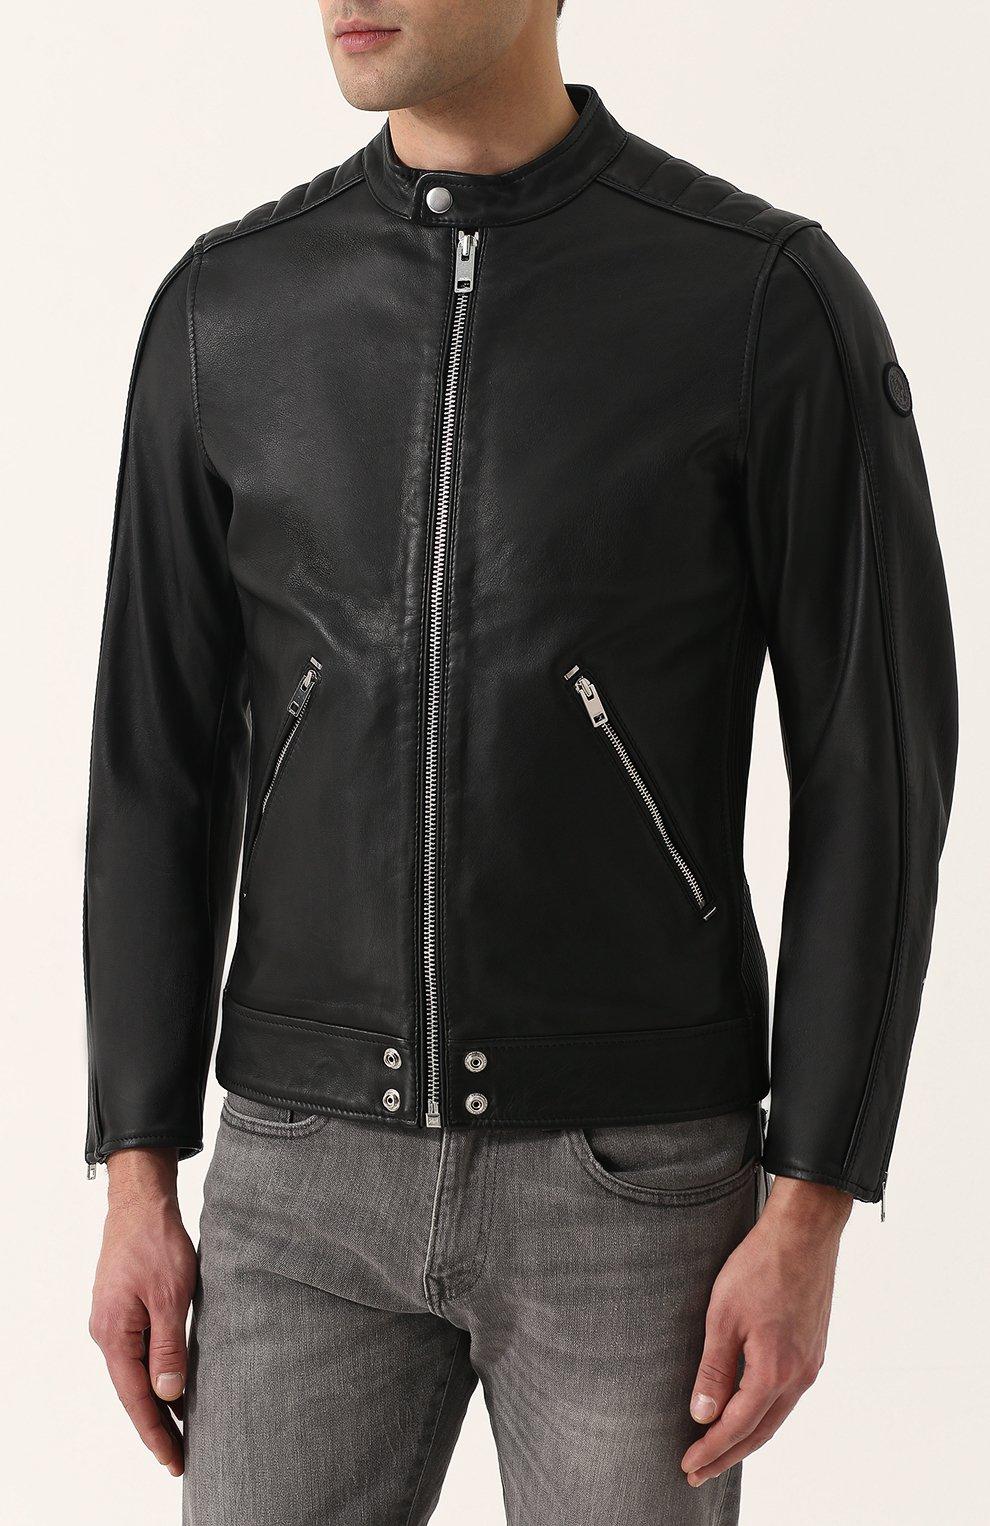 Кожаная куртка с укороченным рукавом и воротником-стойкой Diesel черная | Фото №3